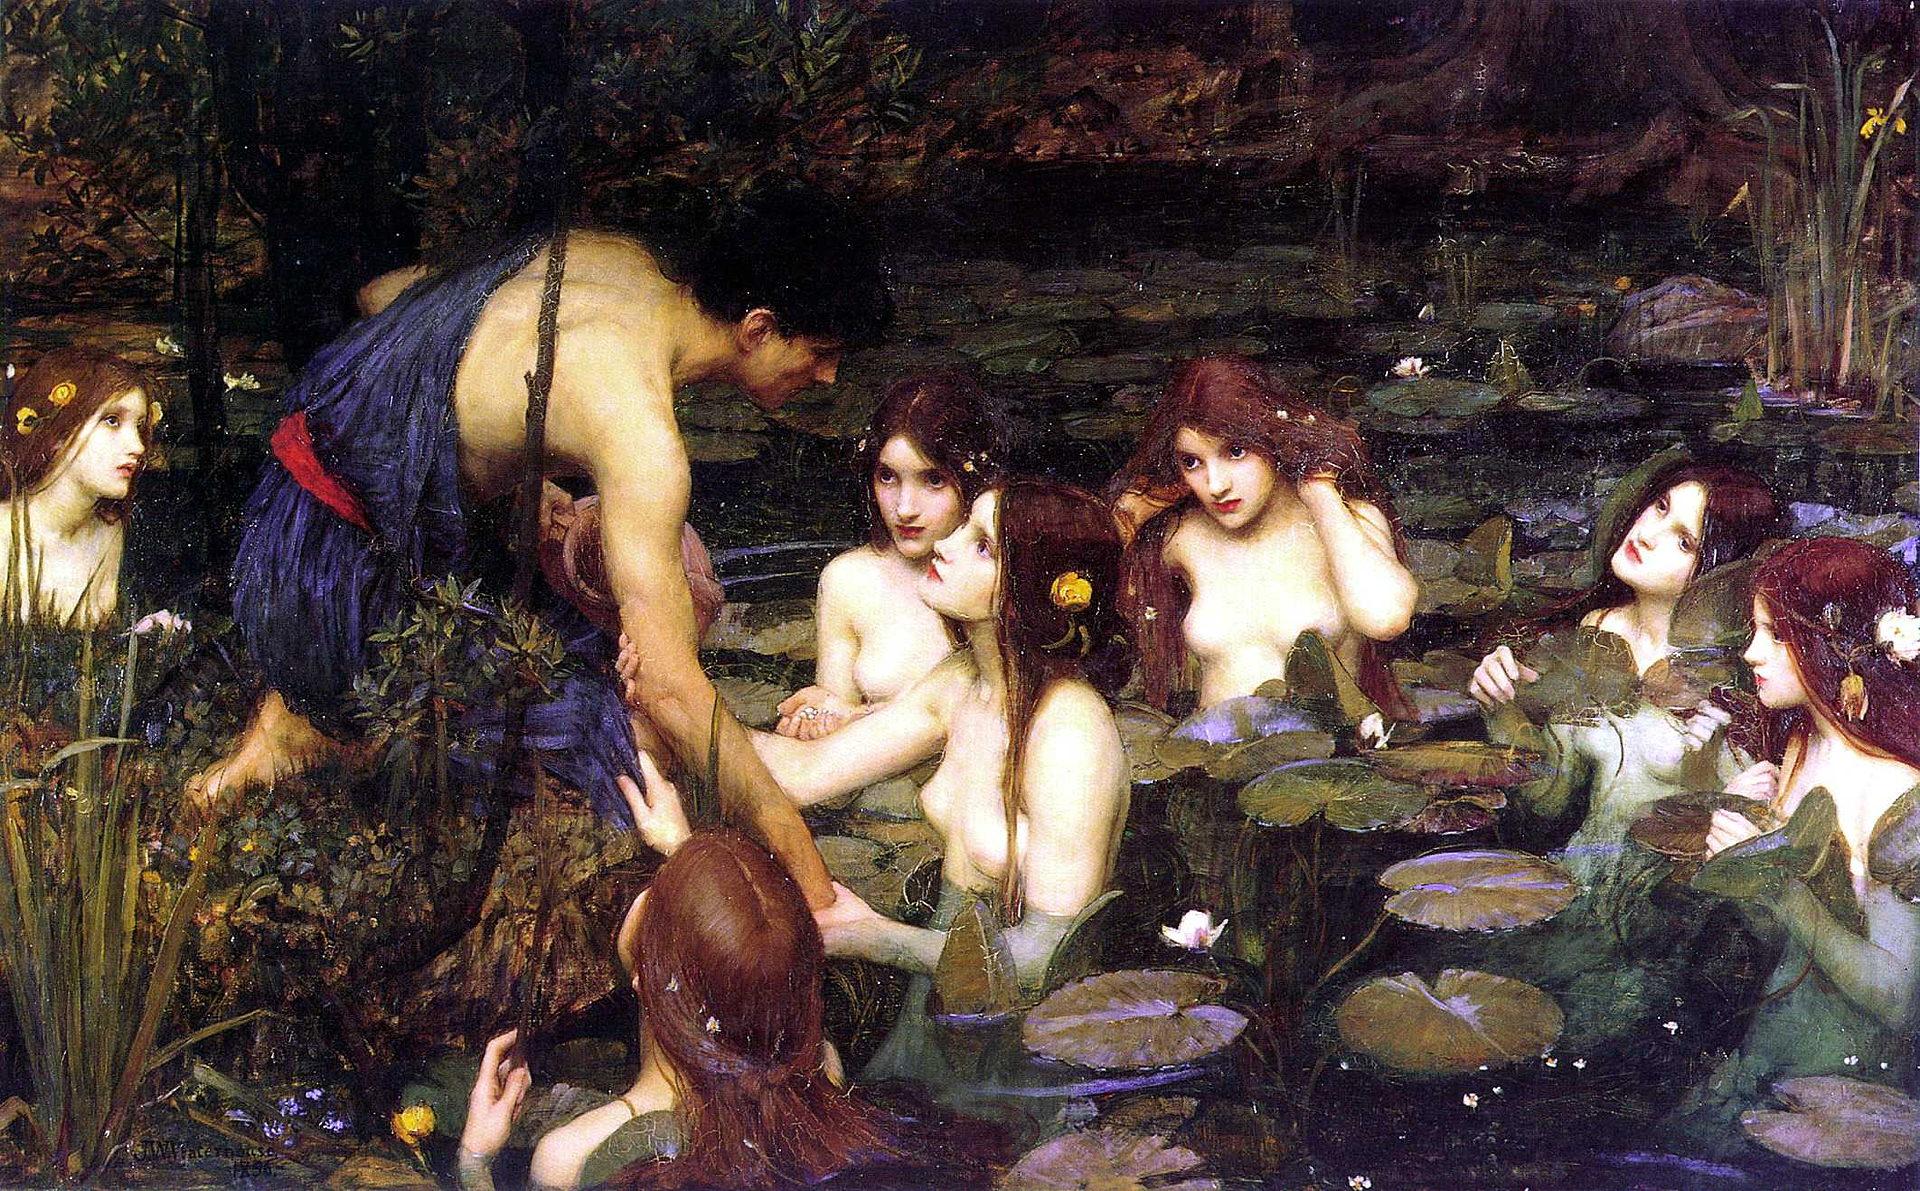 John William Waterhouse, Hylas und die Nymphen